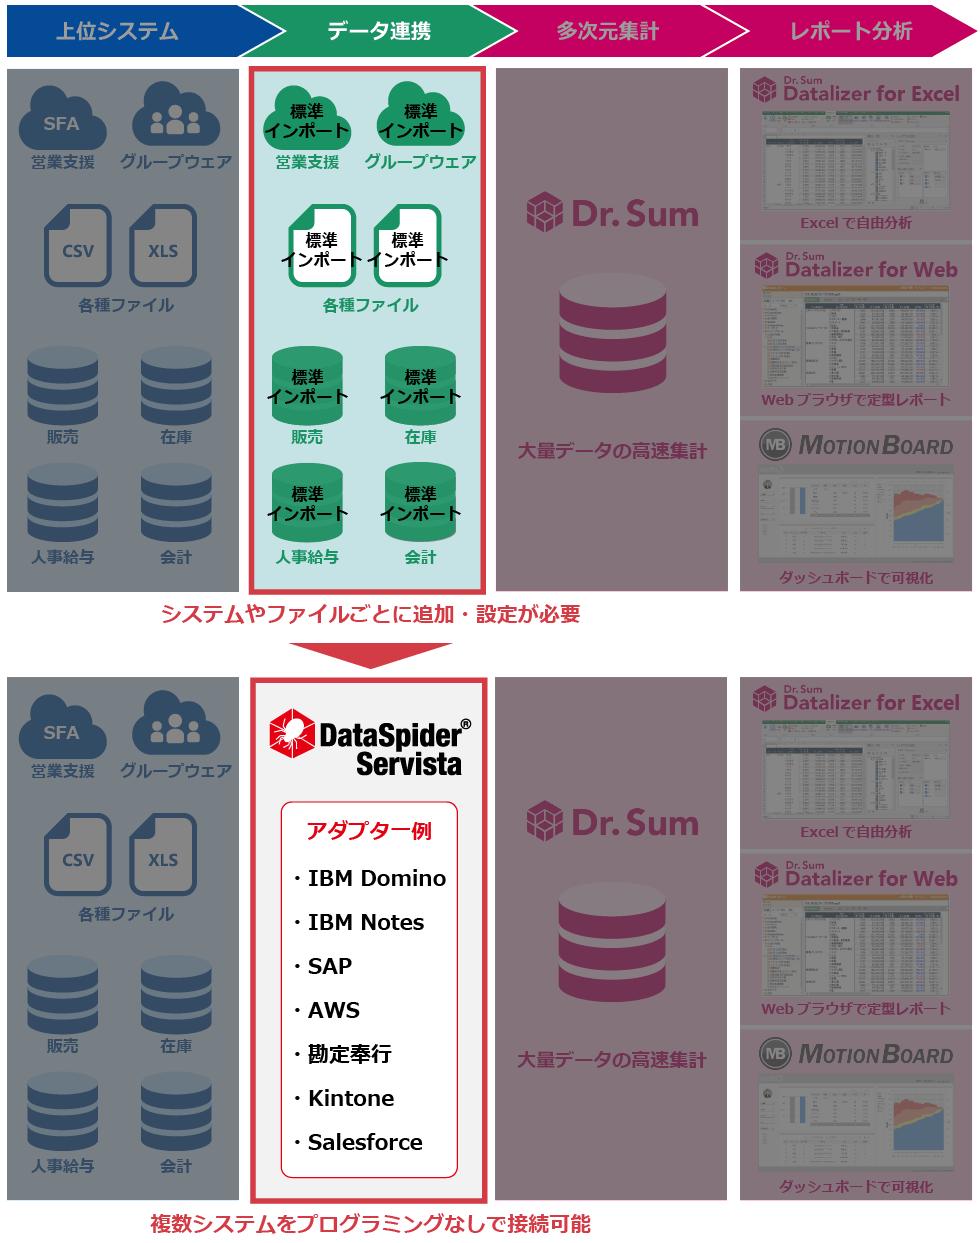 データ連携ならDataSpider